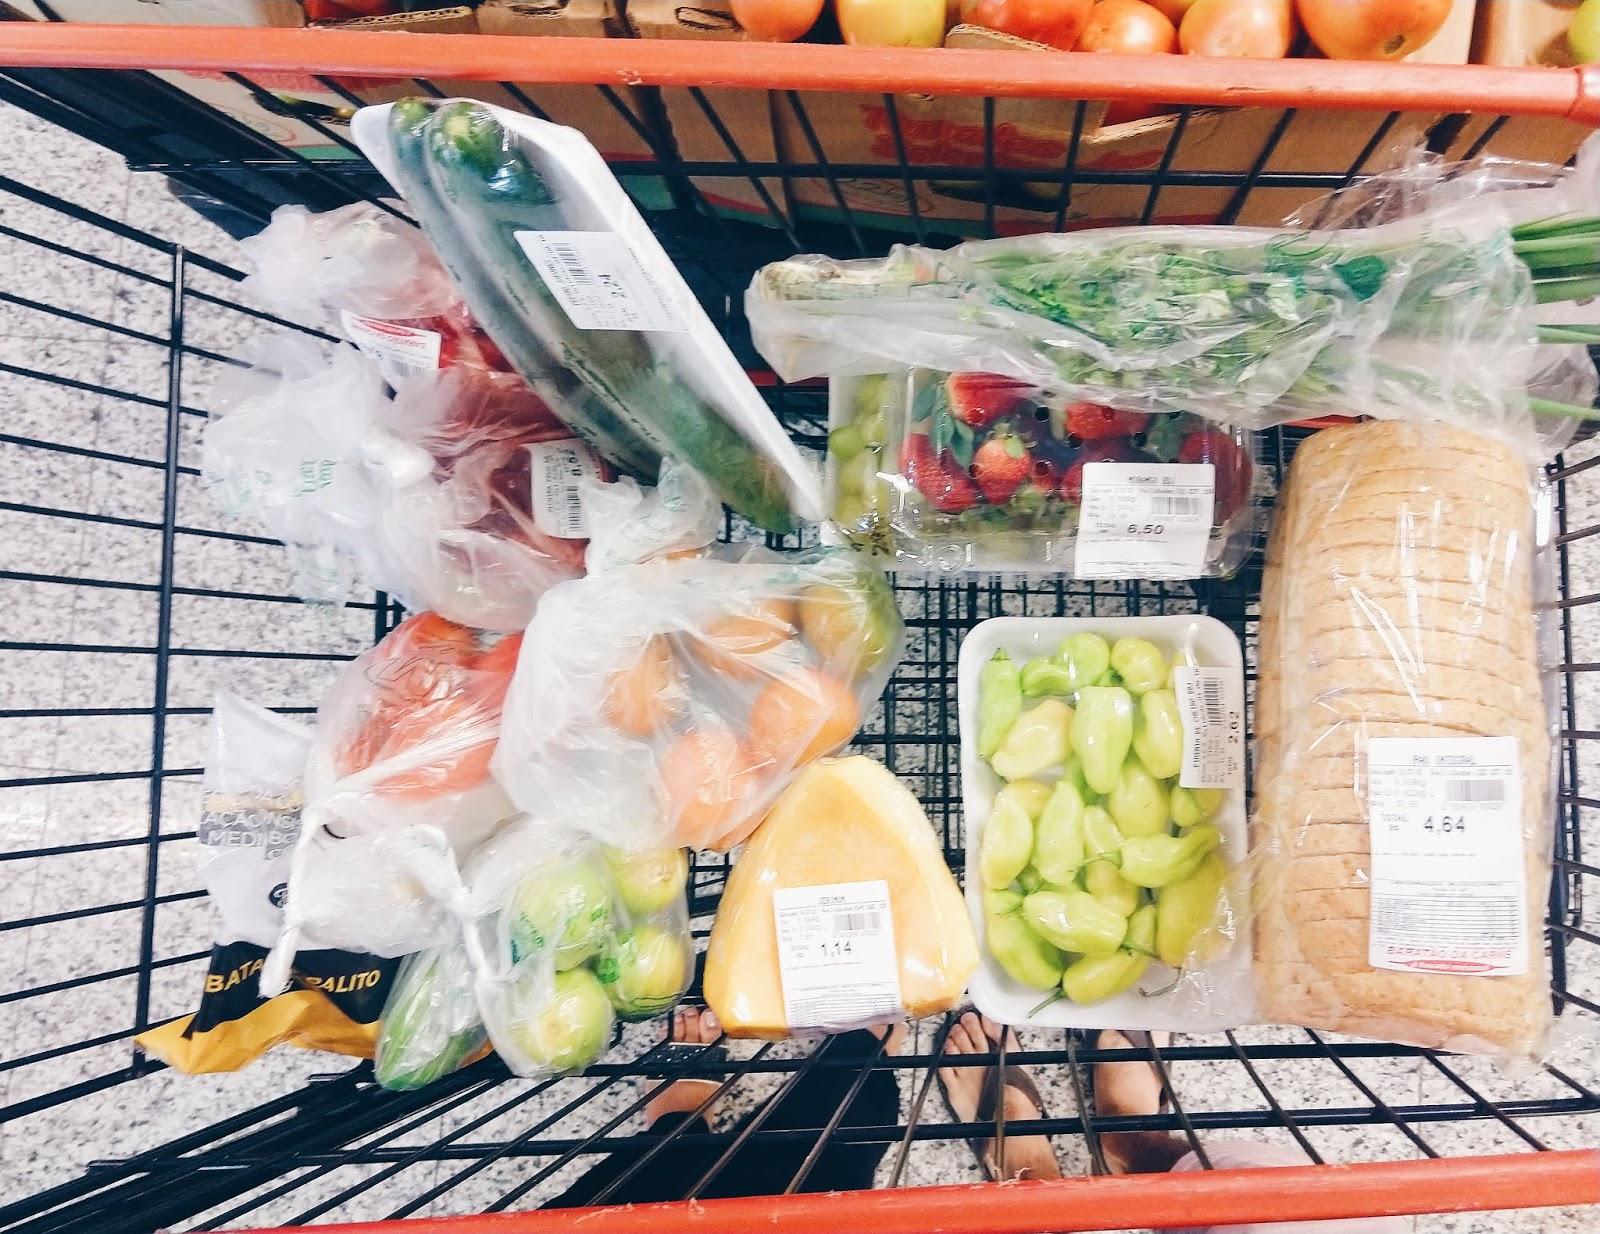 Vida de adulto, ajuda com o supermercado para iniciantes